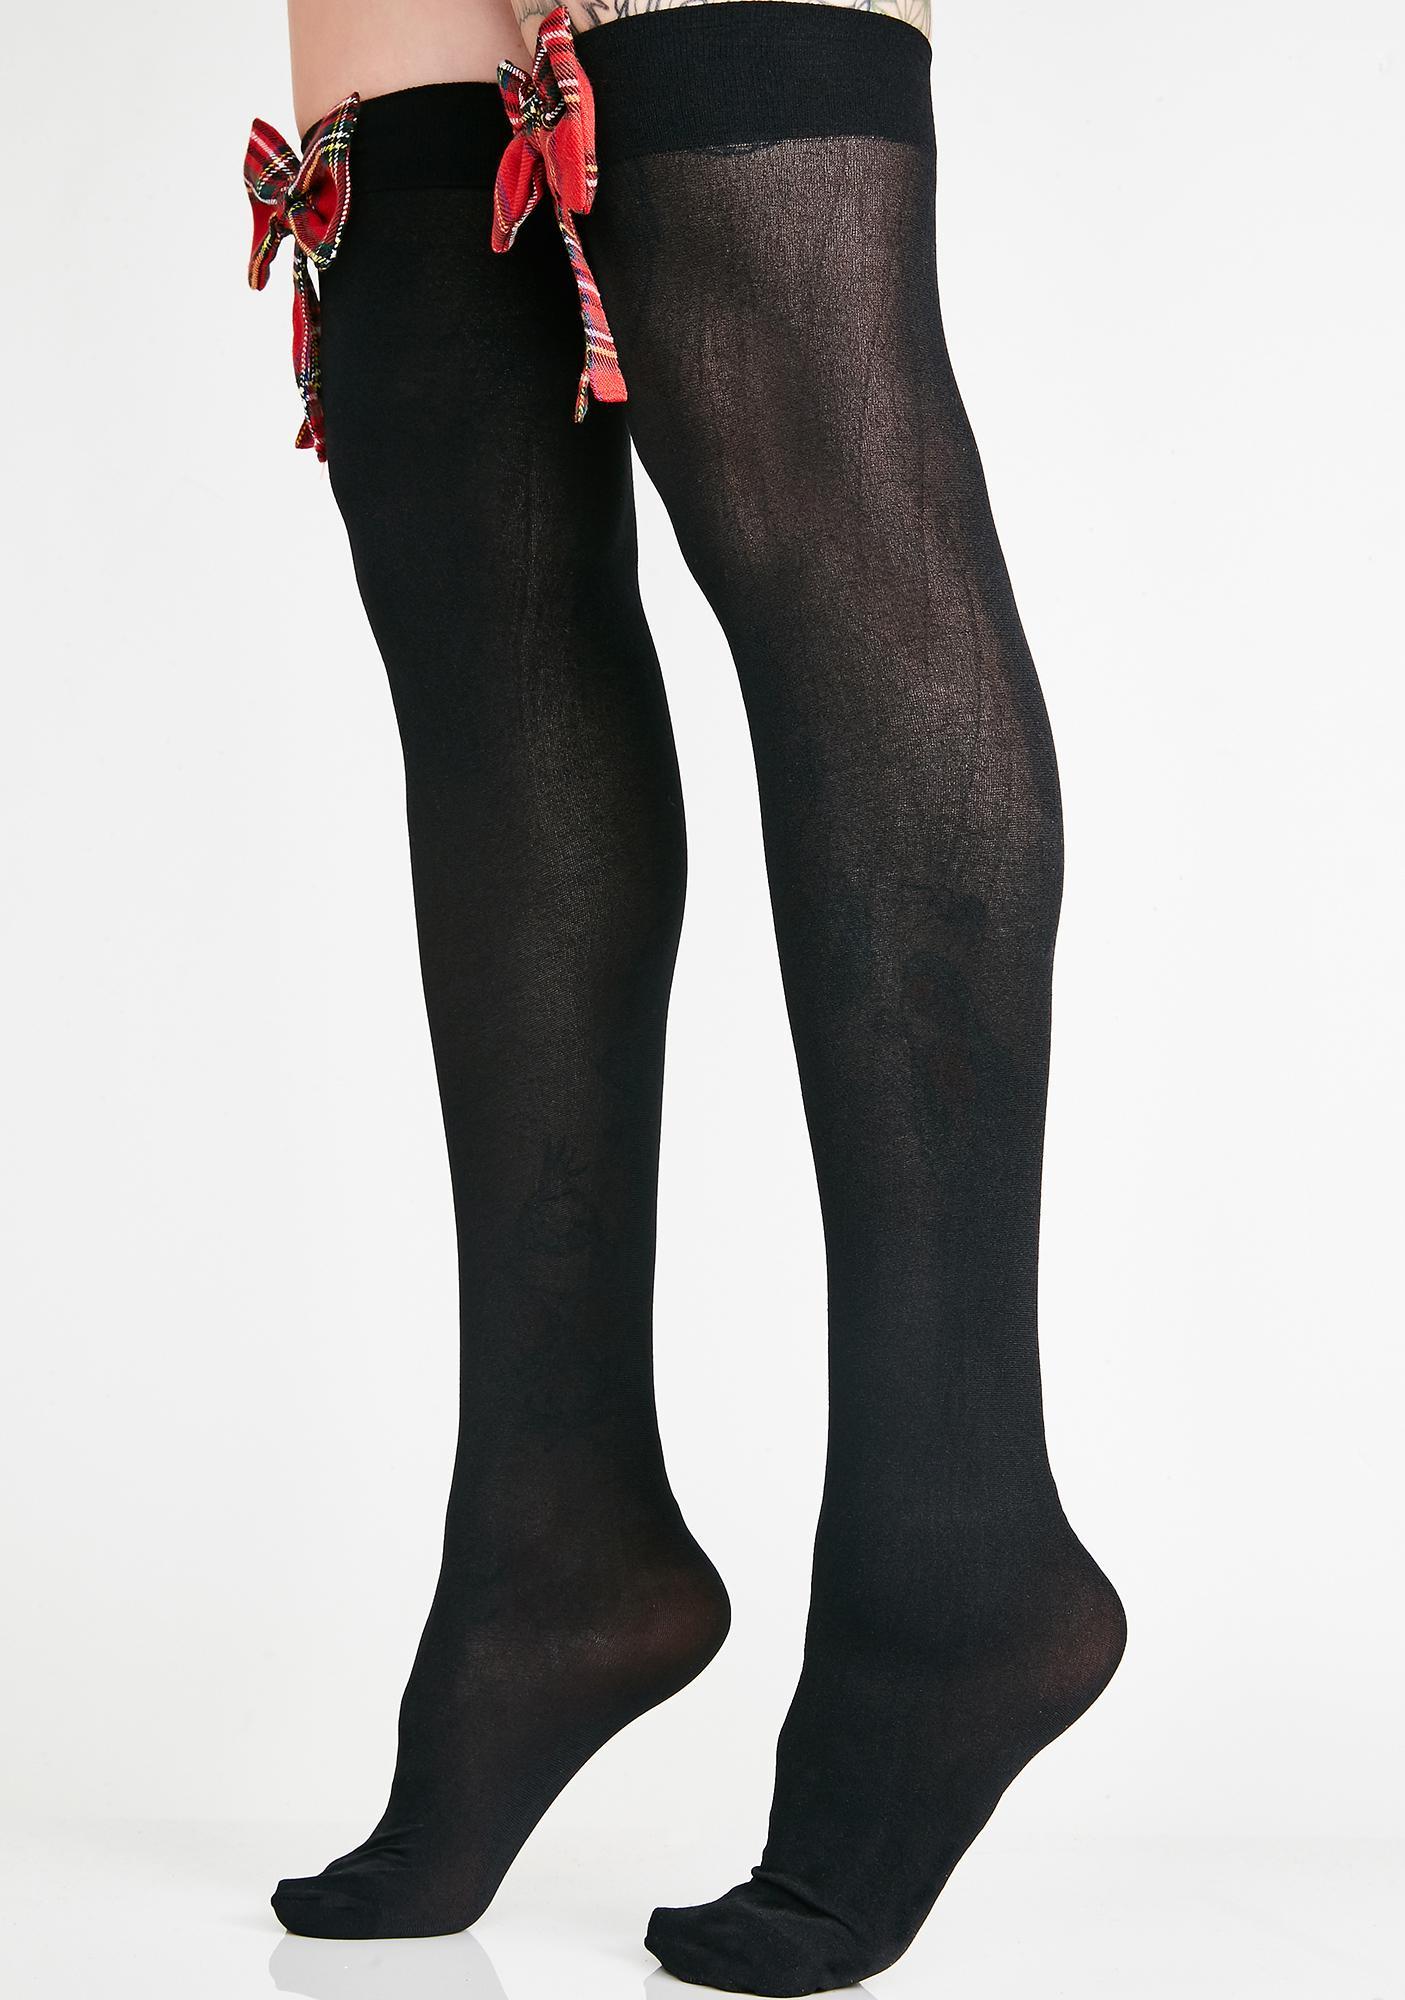 School Grl Gone Bad Thigh High Socks